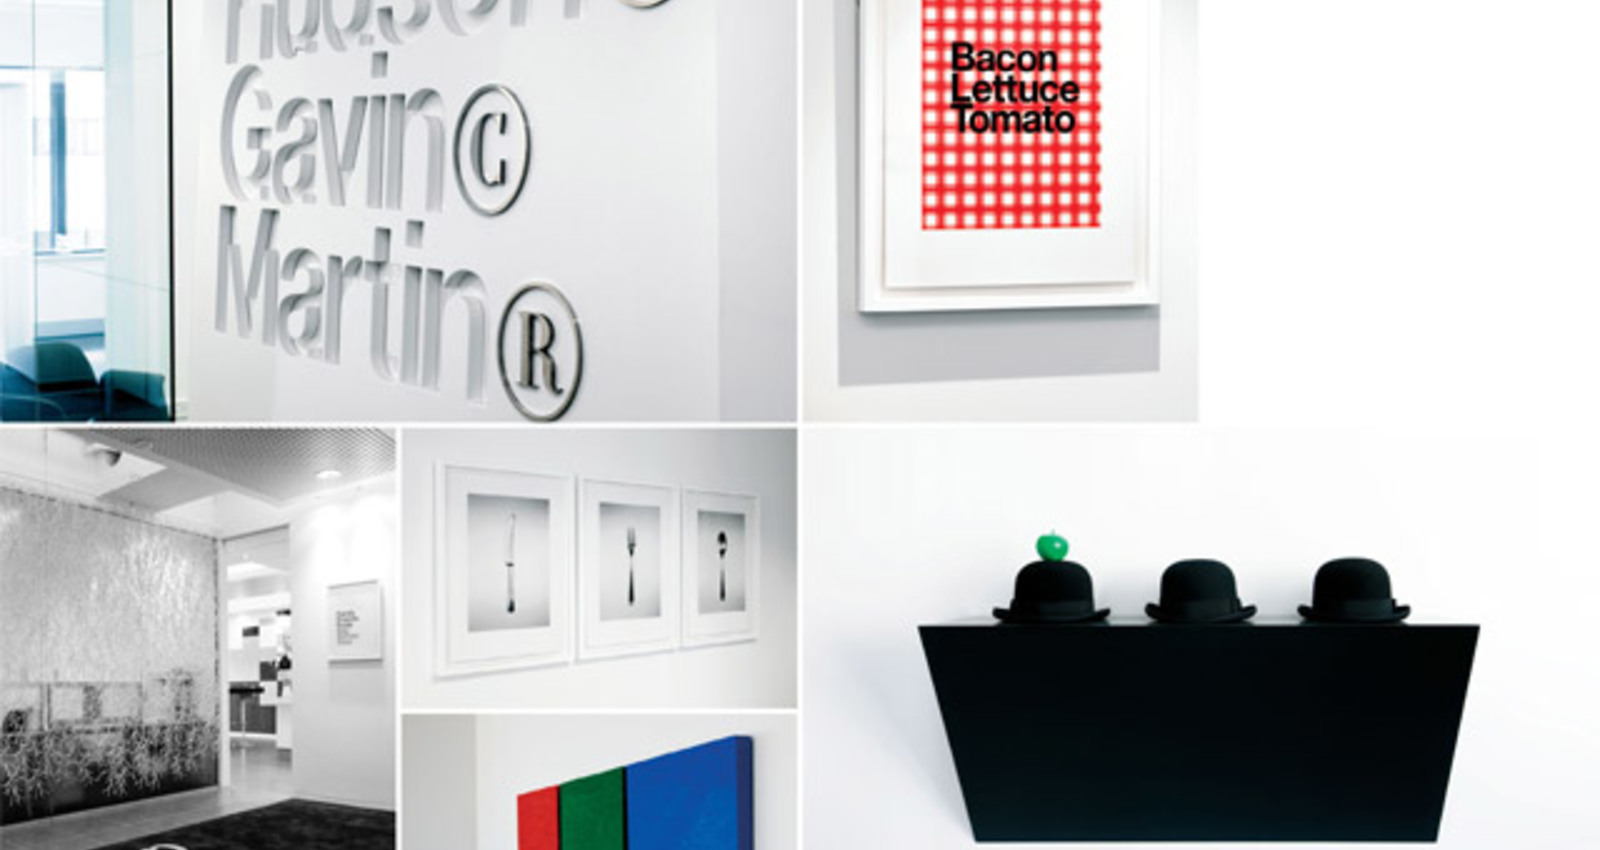 Hudson Gavin Martin Corporate Art Collection